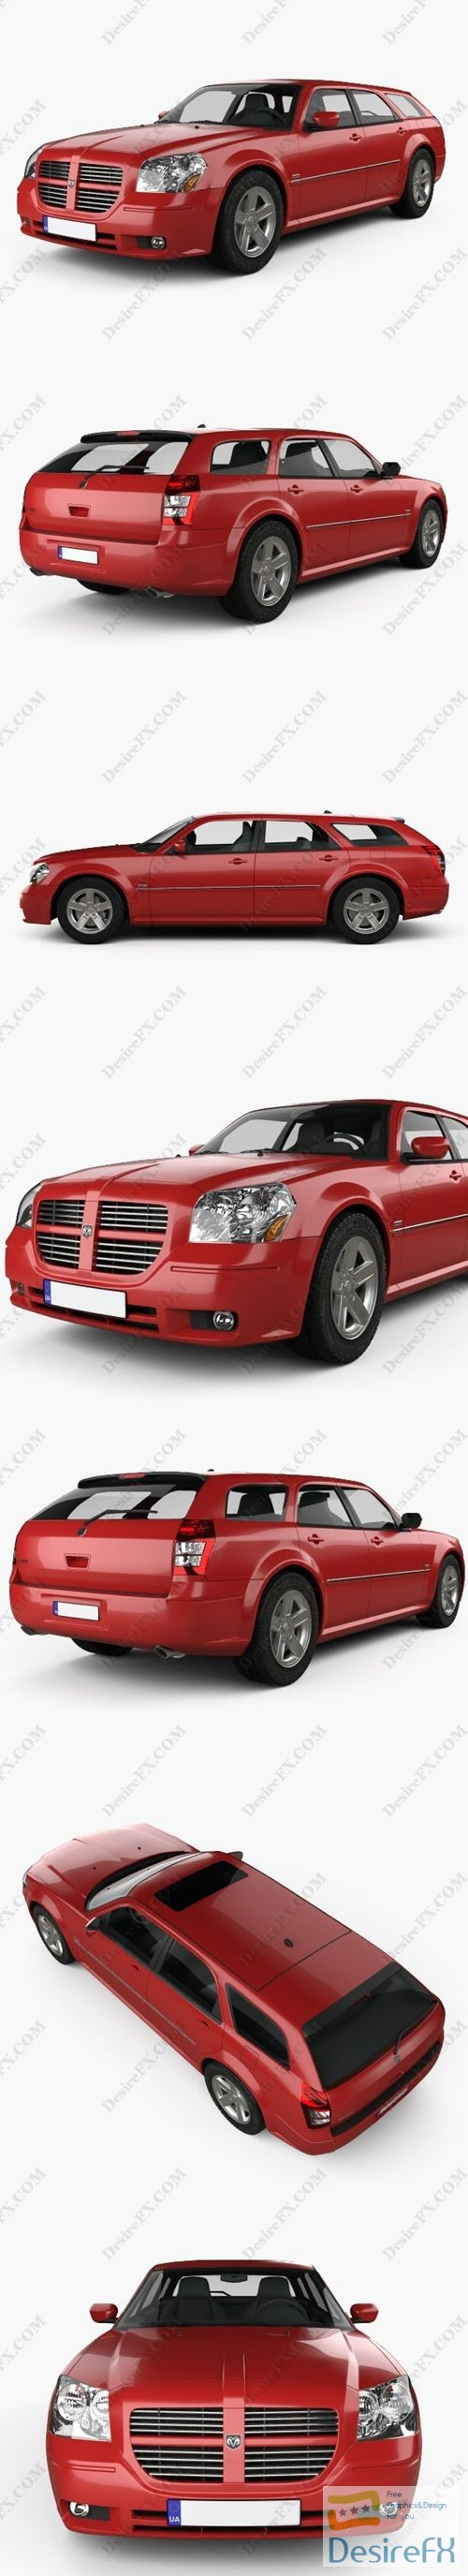 3d-models - Dodge Magnum RT 2004 3D Model